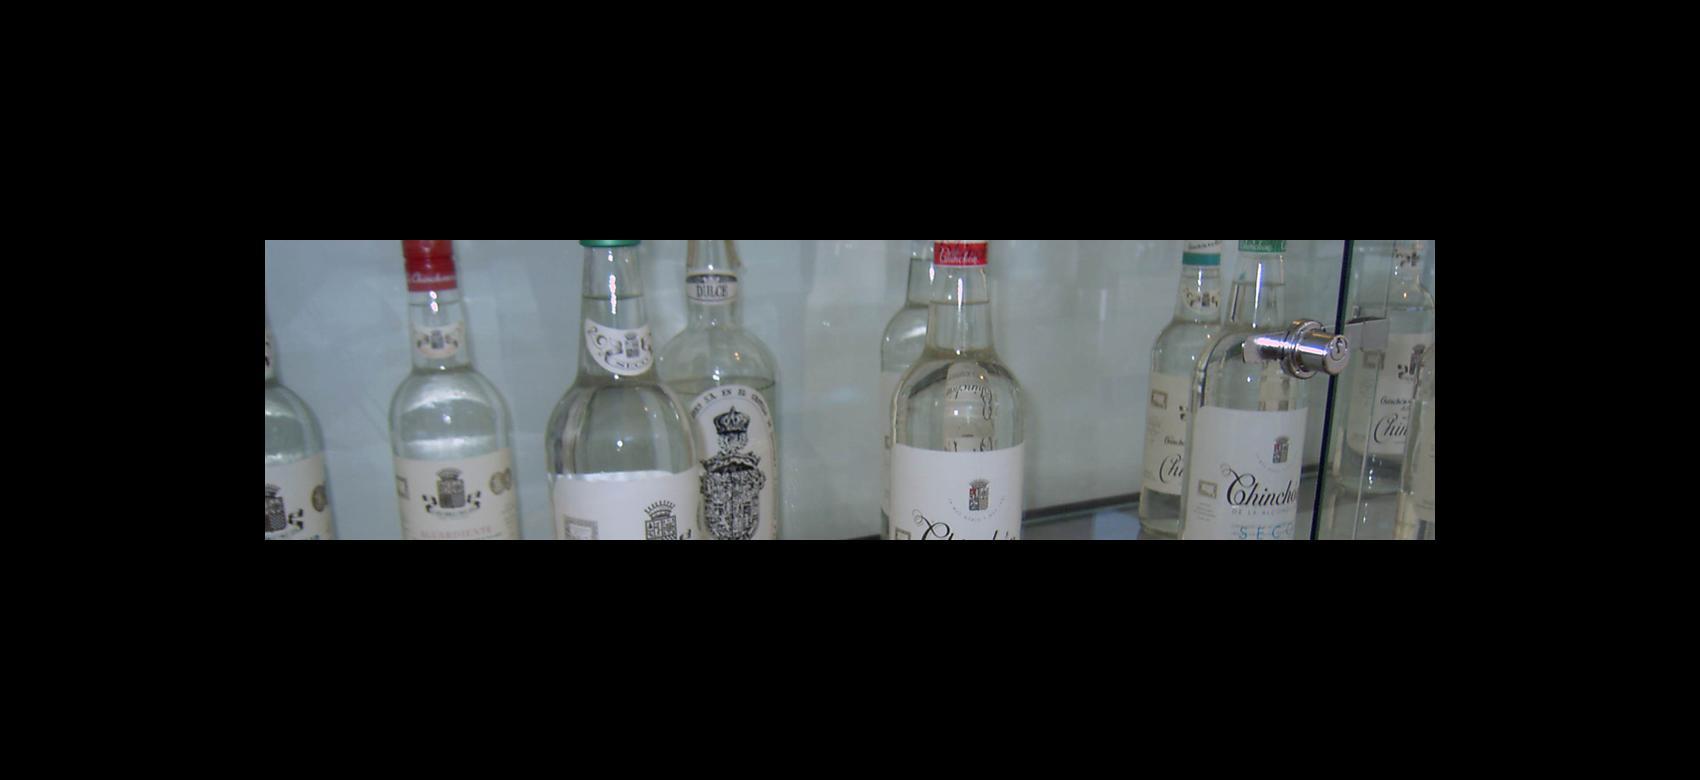 Imagen de botellas de anís de Chinchón